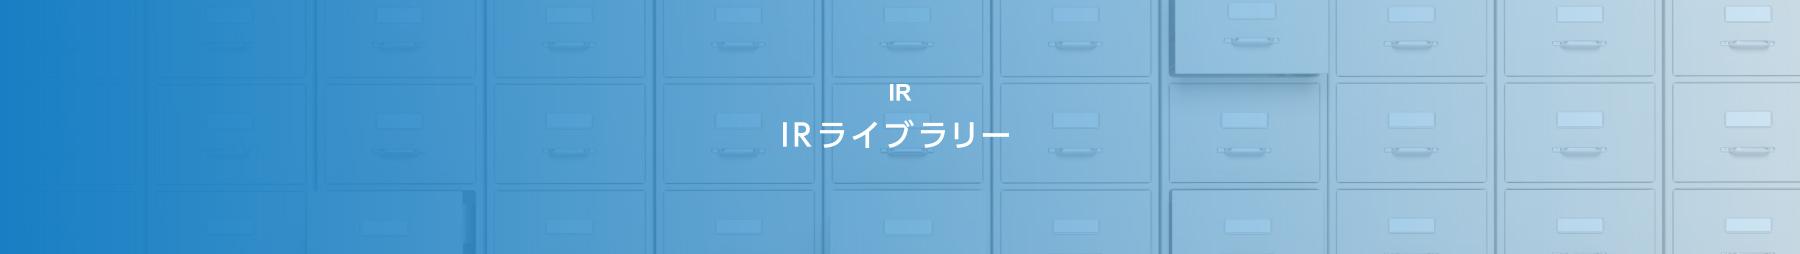 IR IRライブラリー